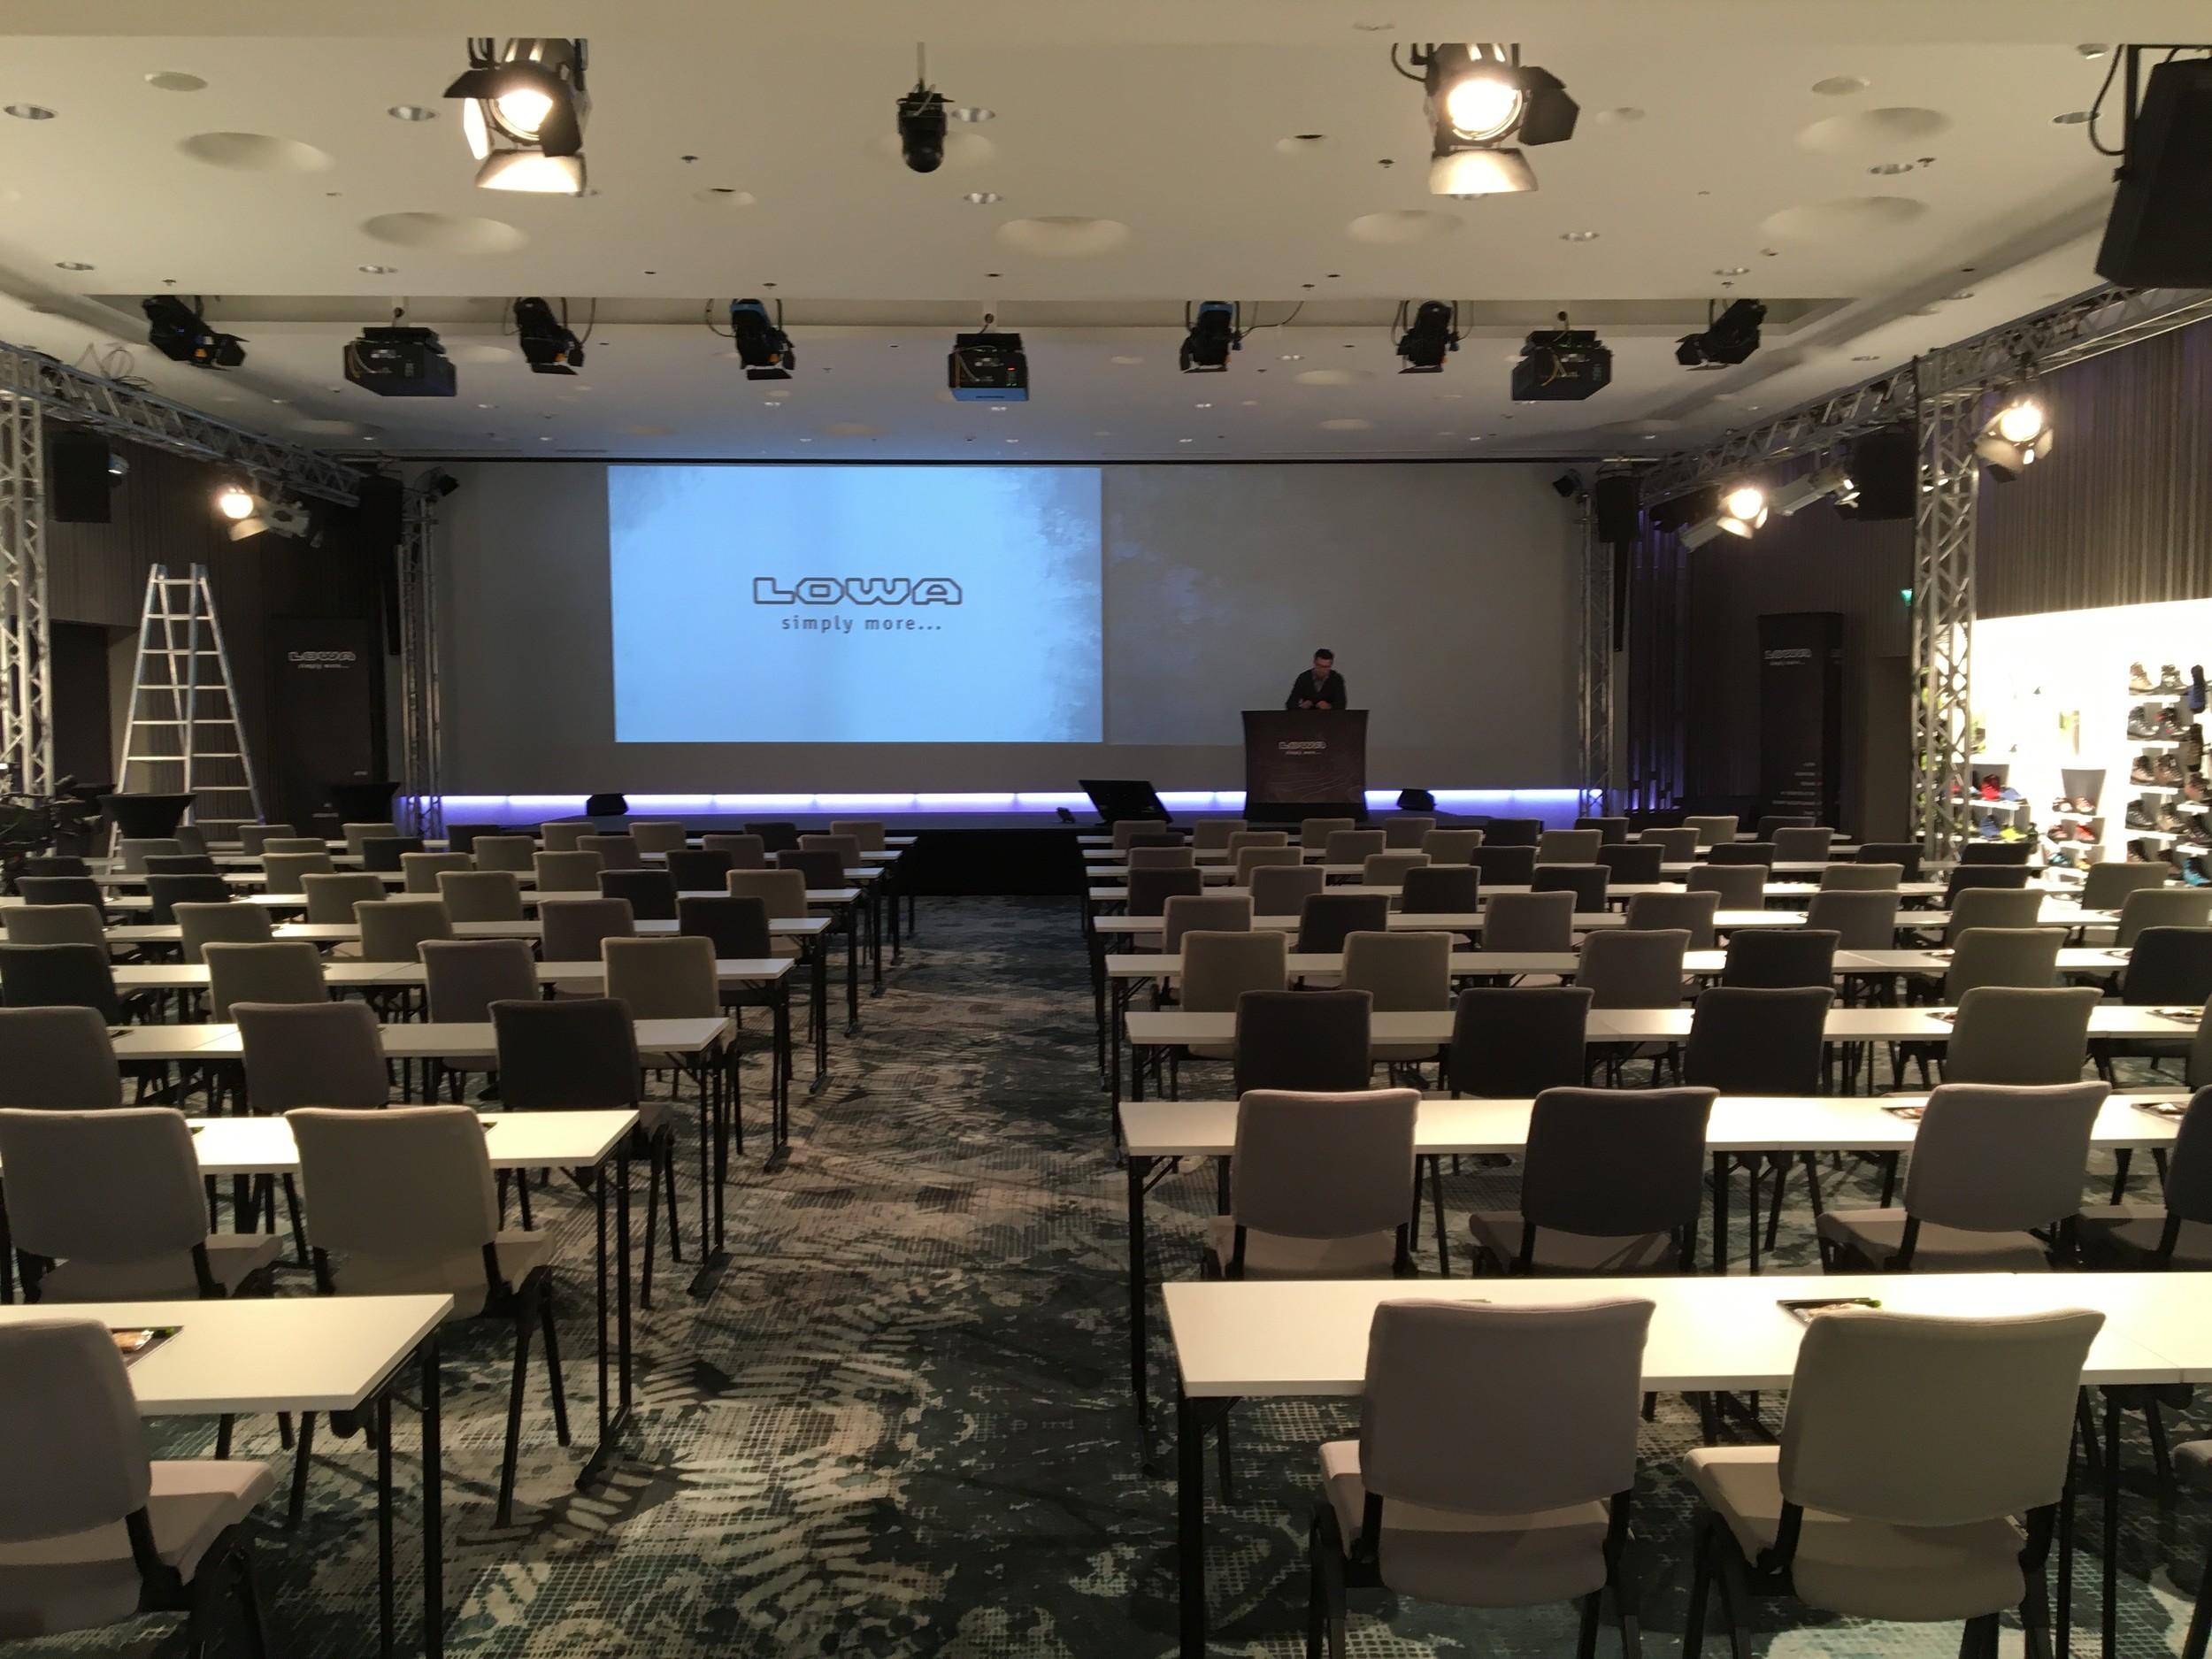 LOWA ISM 2016 Helsinki - Veranstaltungsraum nach vorn 2016 05 05.jpg